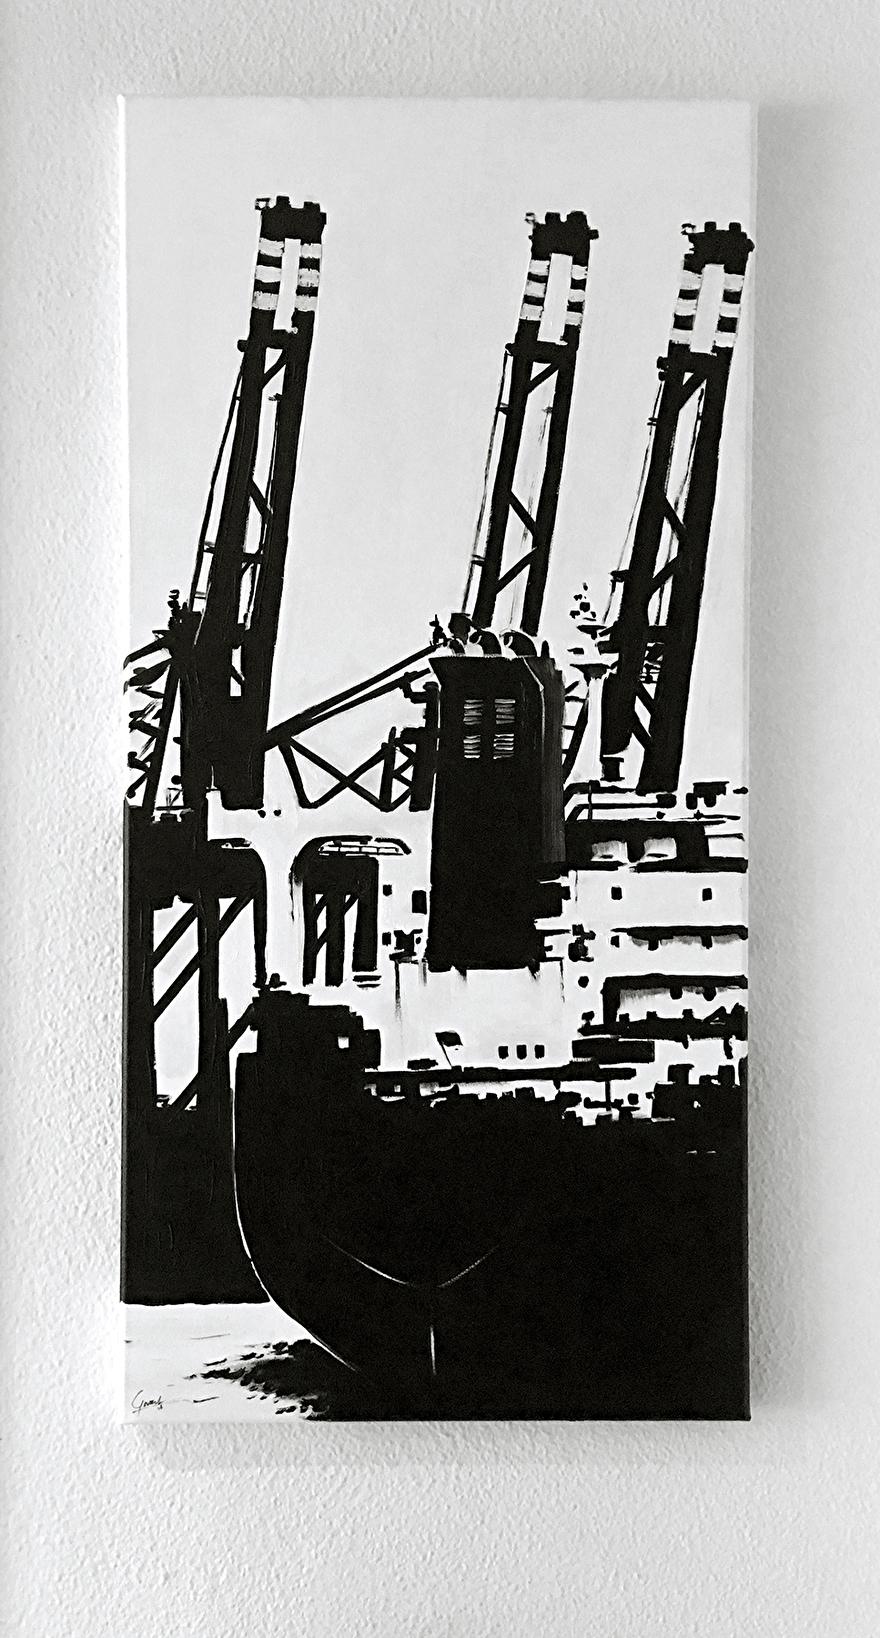 Zwart-wit schilderij als kantoor decoratie op canvas van de Tweede Maasvlakte schip en terminals